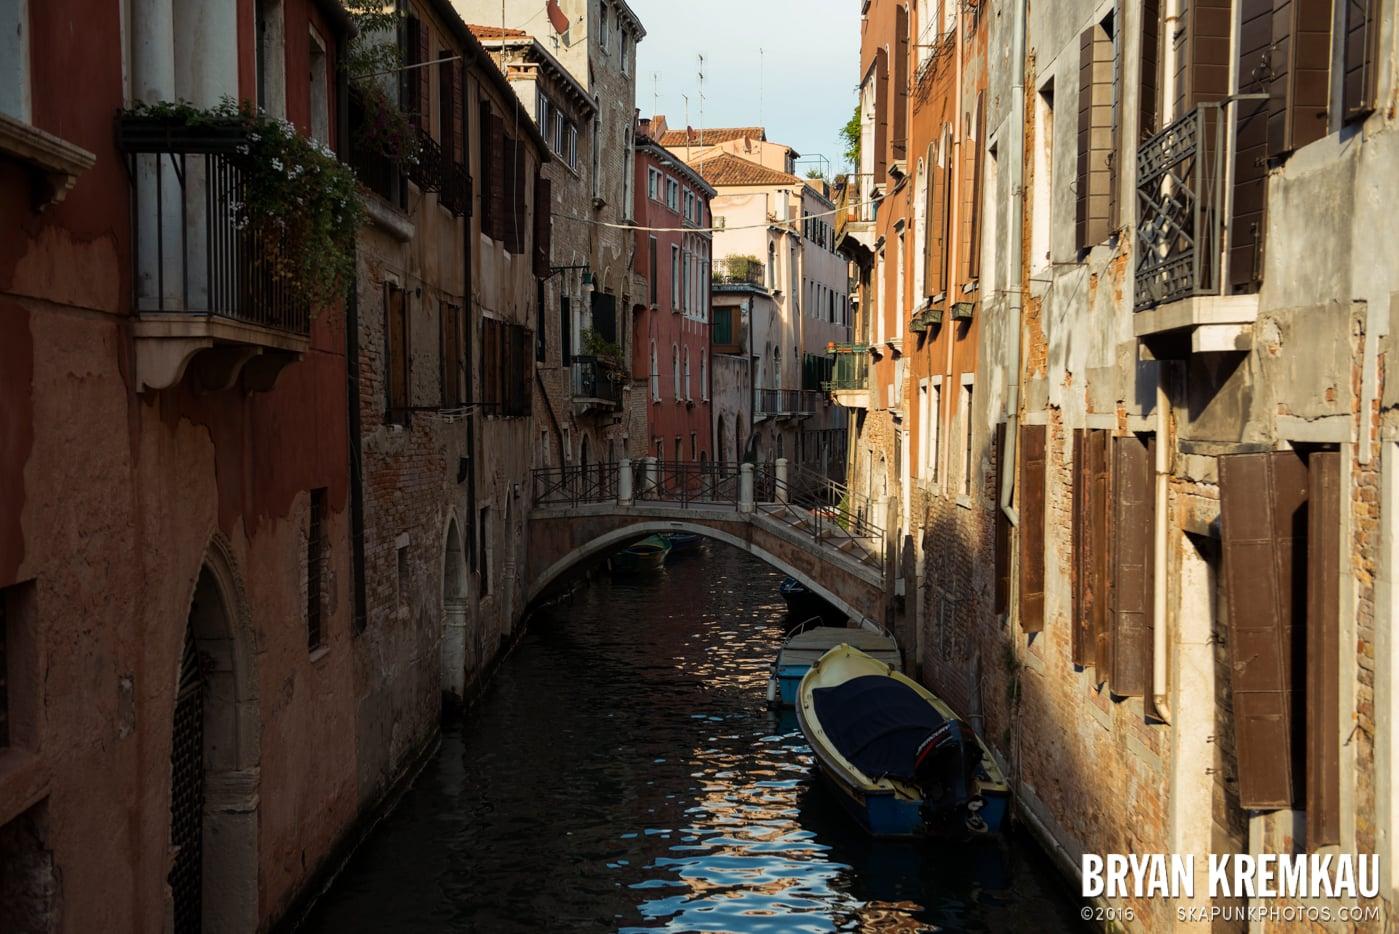 Italy Vacation - Day 4: Venice - 9.12.13 (25)